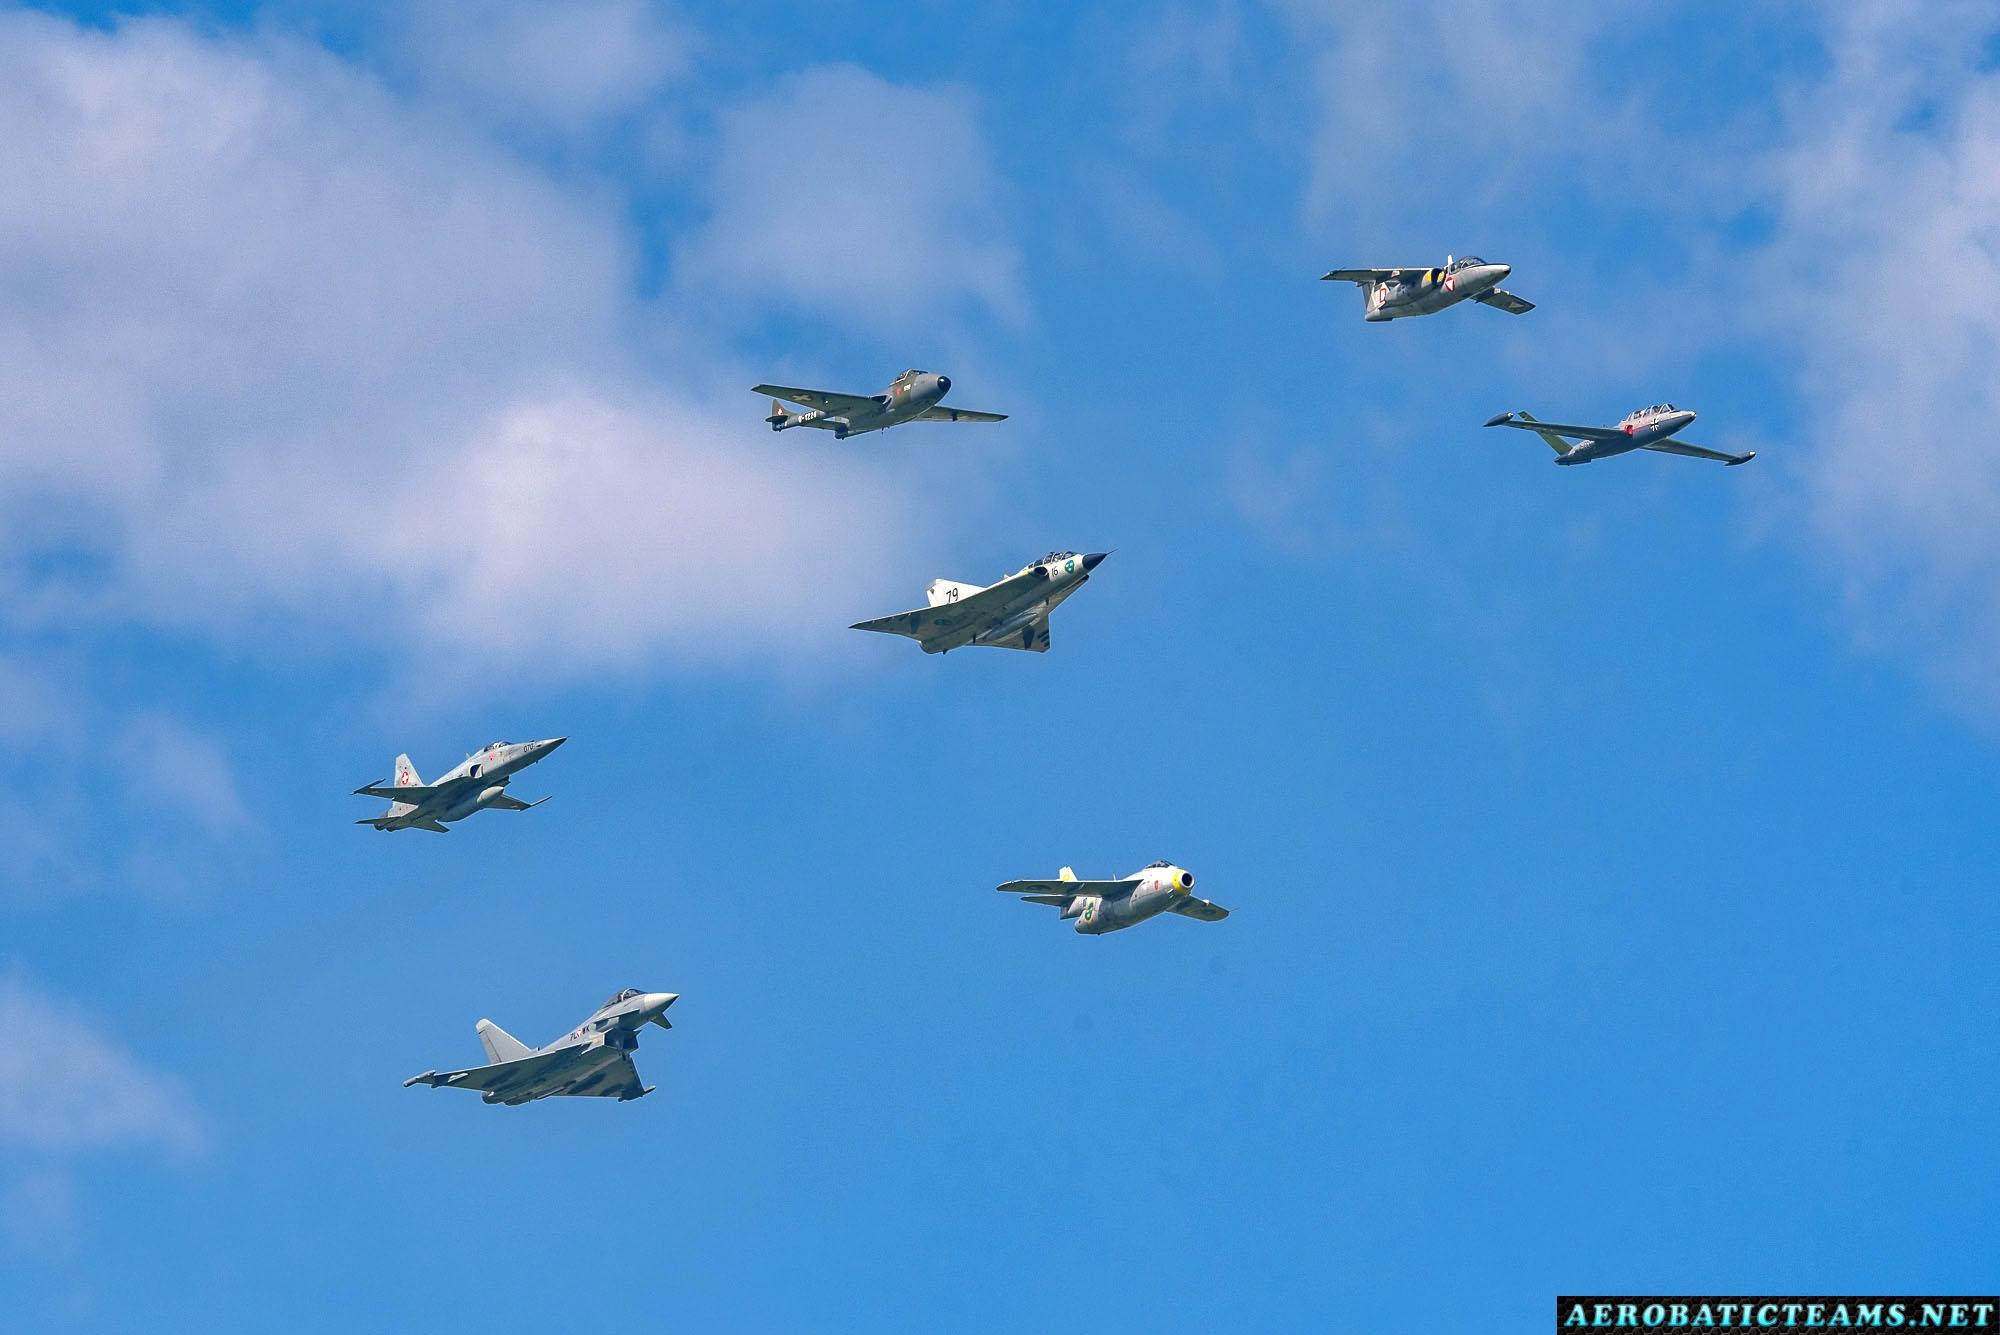 Historic formation - de Havilland Vampire, SAAB J29 Tunnan, SAAB J35 Draken, F-5 Tiger, SAAB 105, Fouga Magistere and Eurofighter